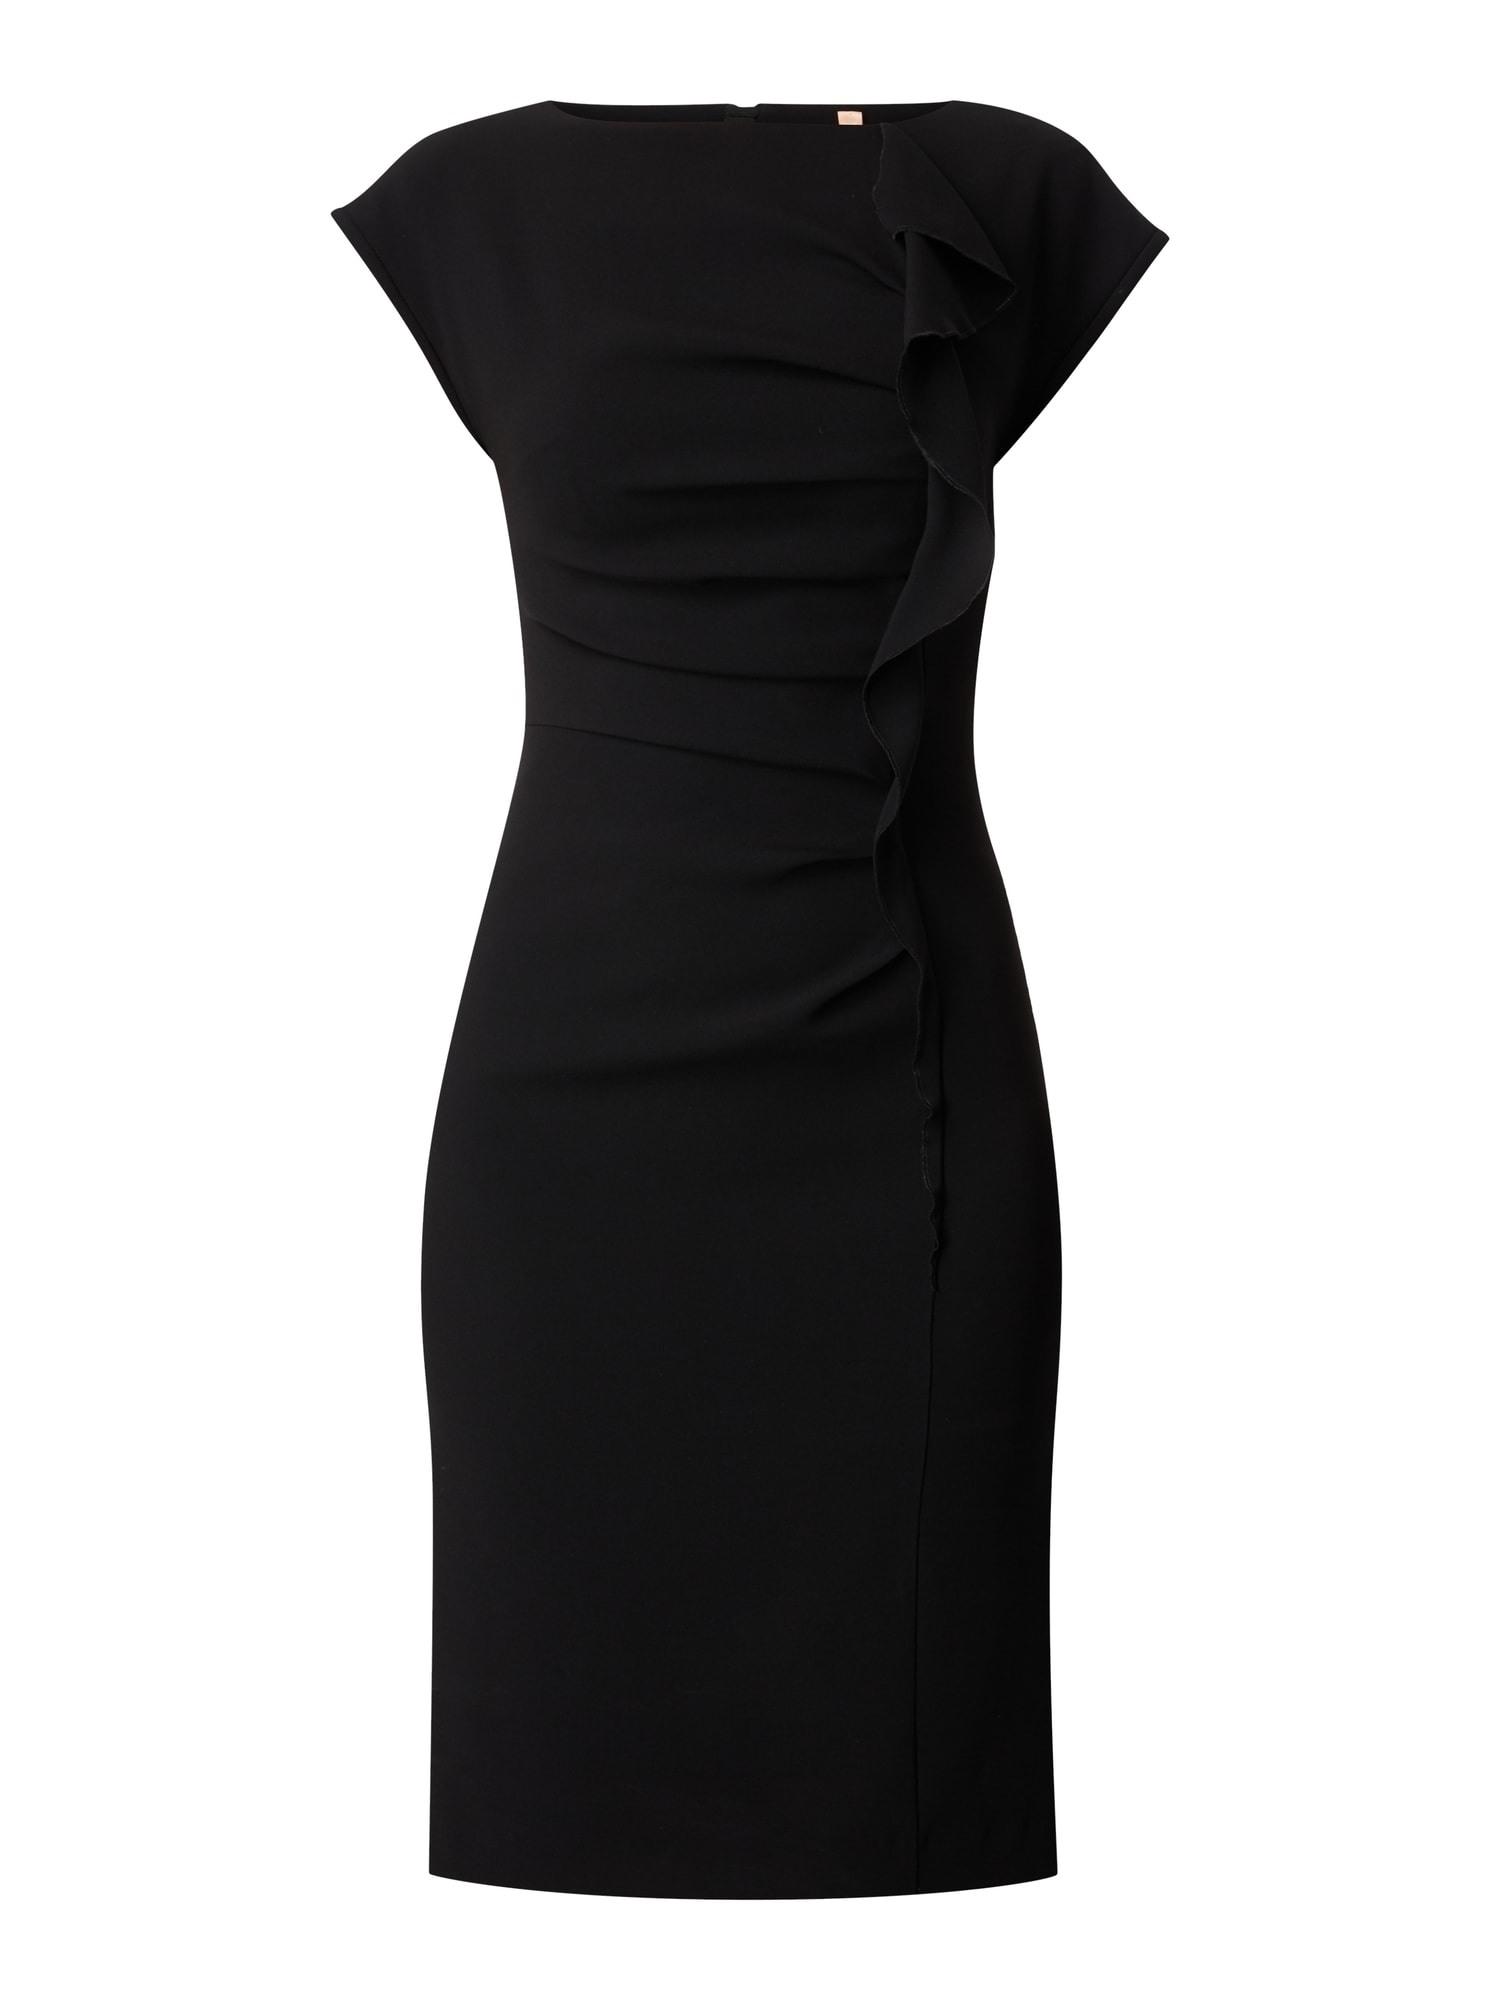 20 Schön Online Kleider Kaufen Boutique15 Schön Online Kleider Kaufen Stylish